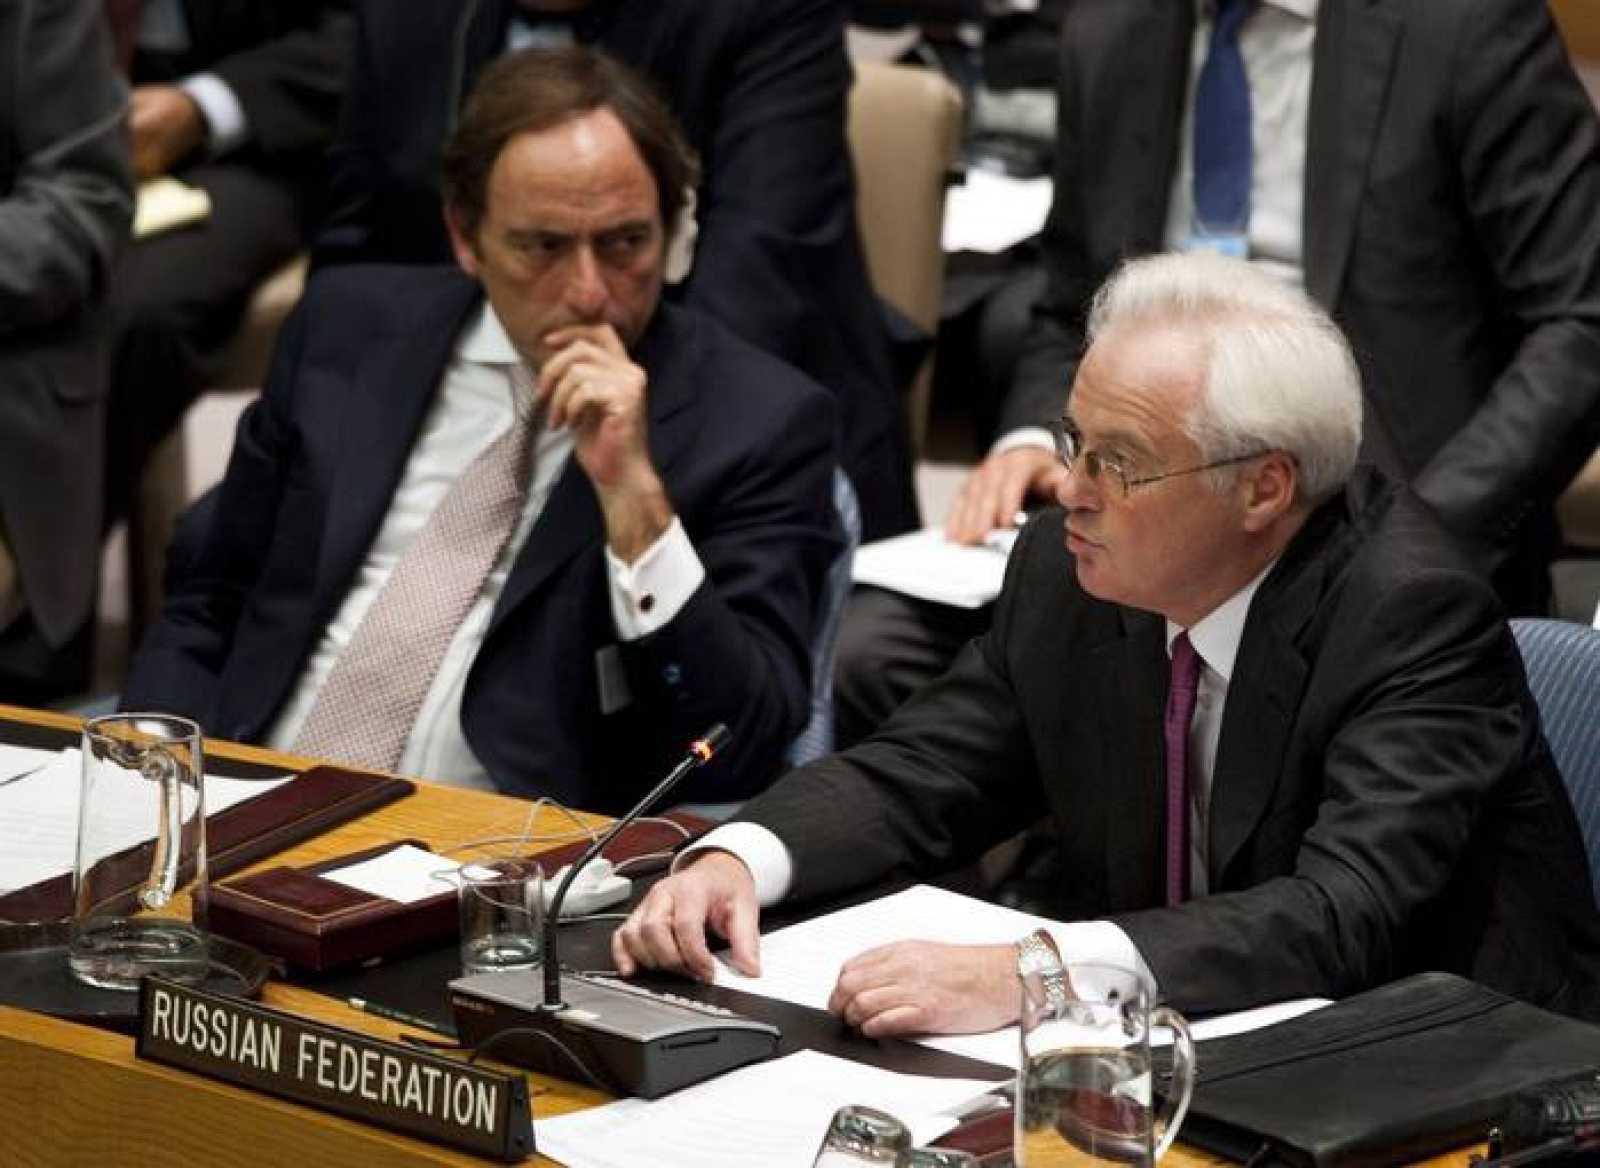 El embajador de Rusia ante la ONU, Vitaly Churkin, habla durante la reunión del Consejo de Seguridad, este martes